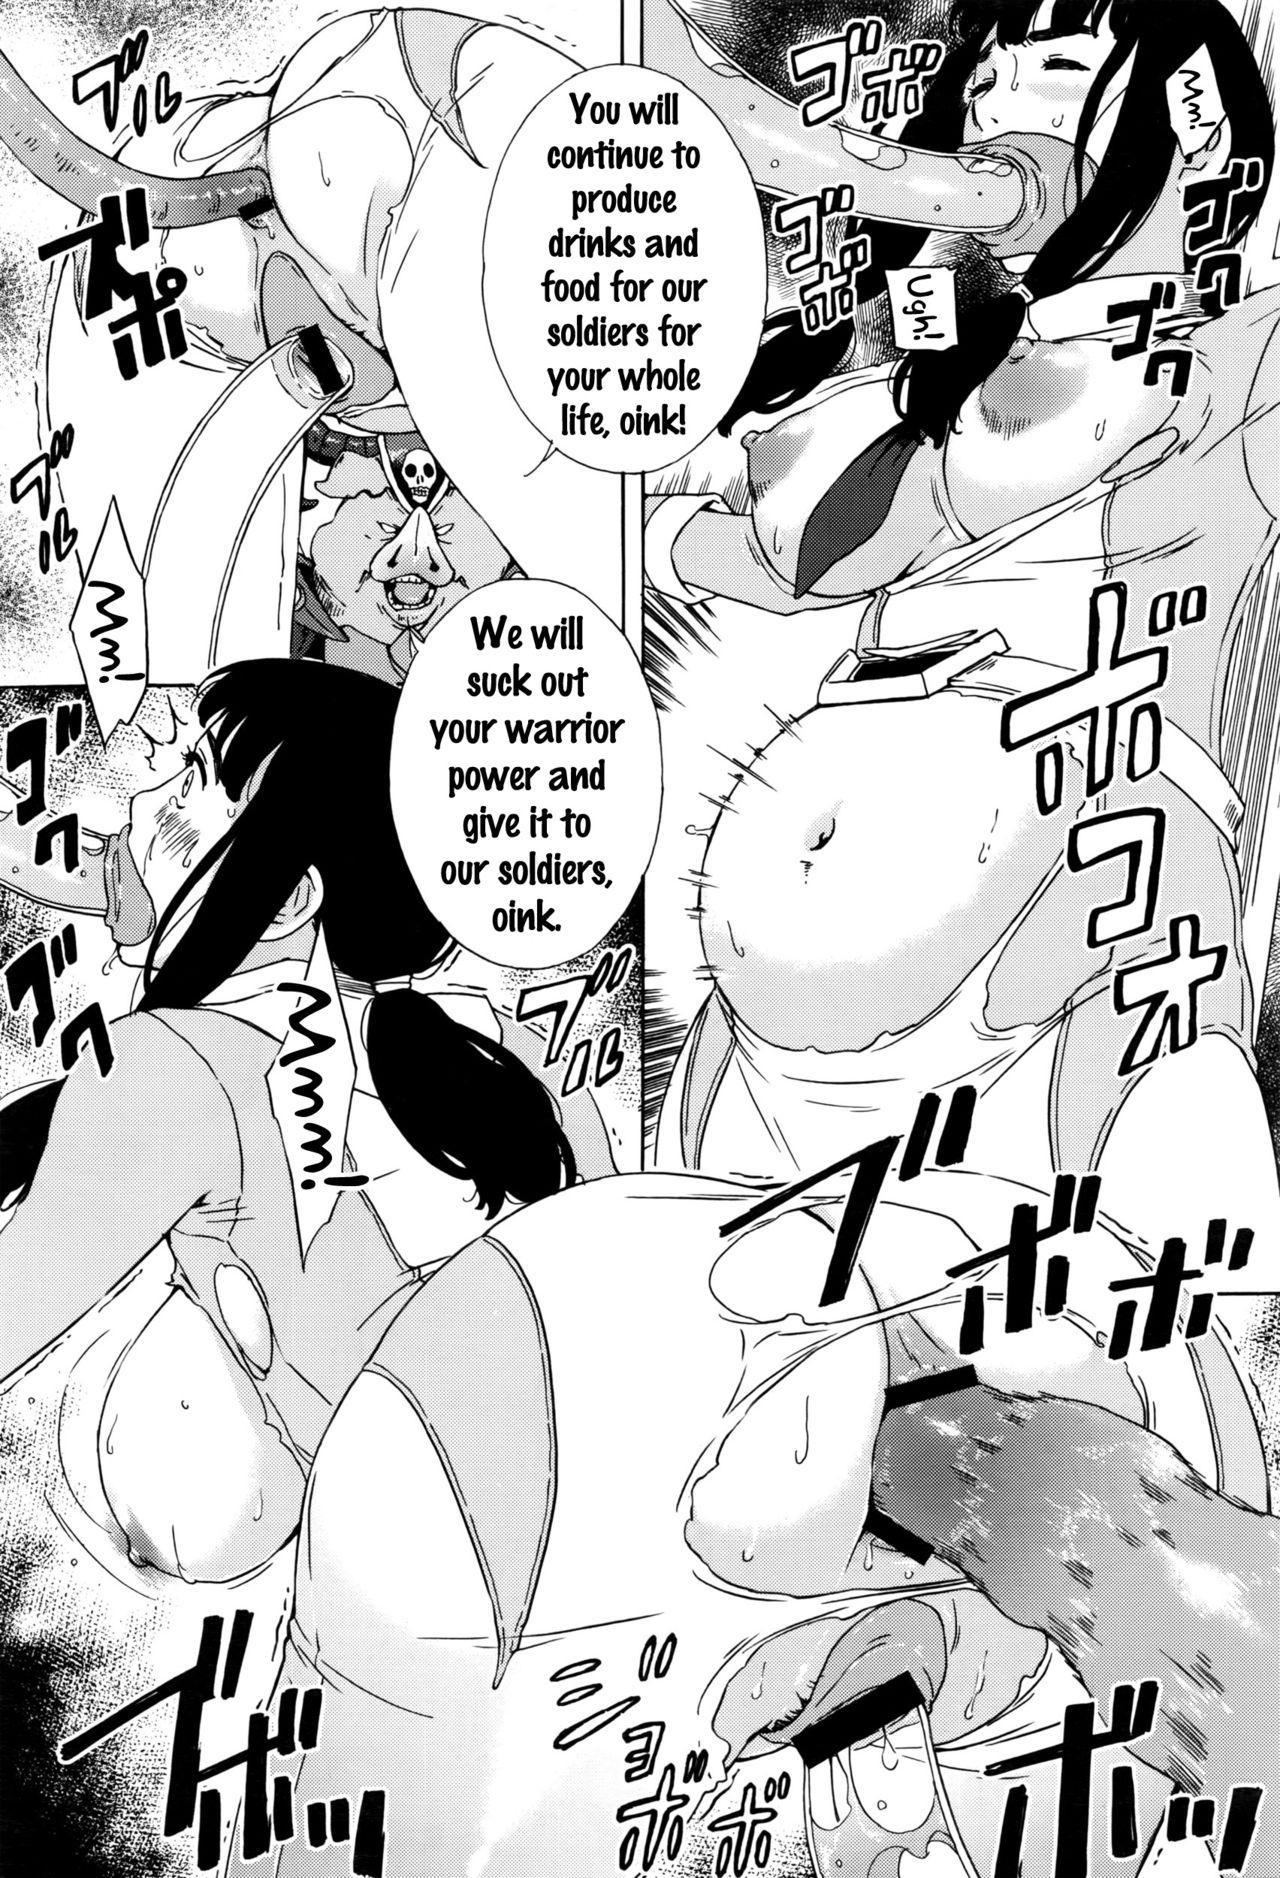 [Amano Ameno] Dai Buta Shougun no Gyakugeki ~Superheroine Taisen~ | Pig General's Counter Attack (COMIC Anthurium 2016-09) [English] {doujins.com} 8